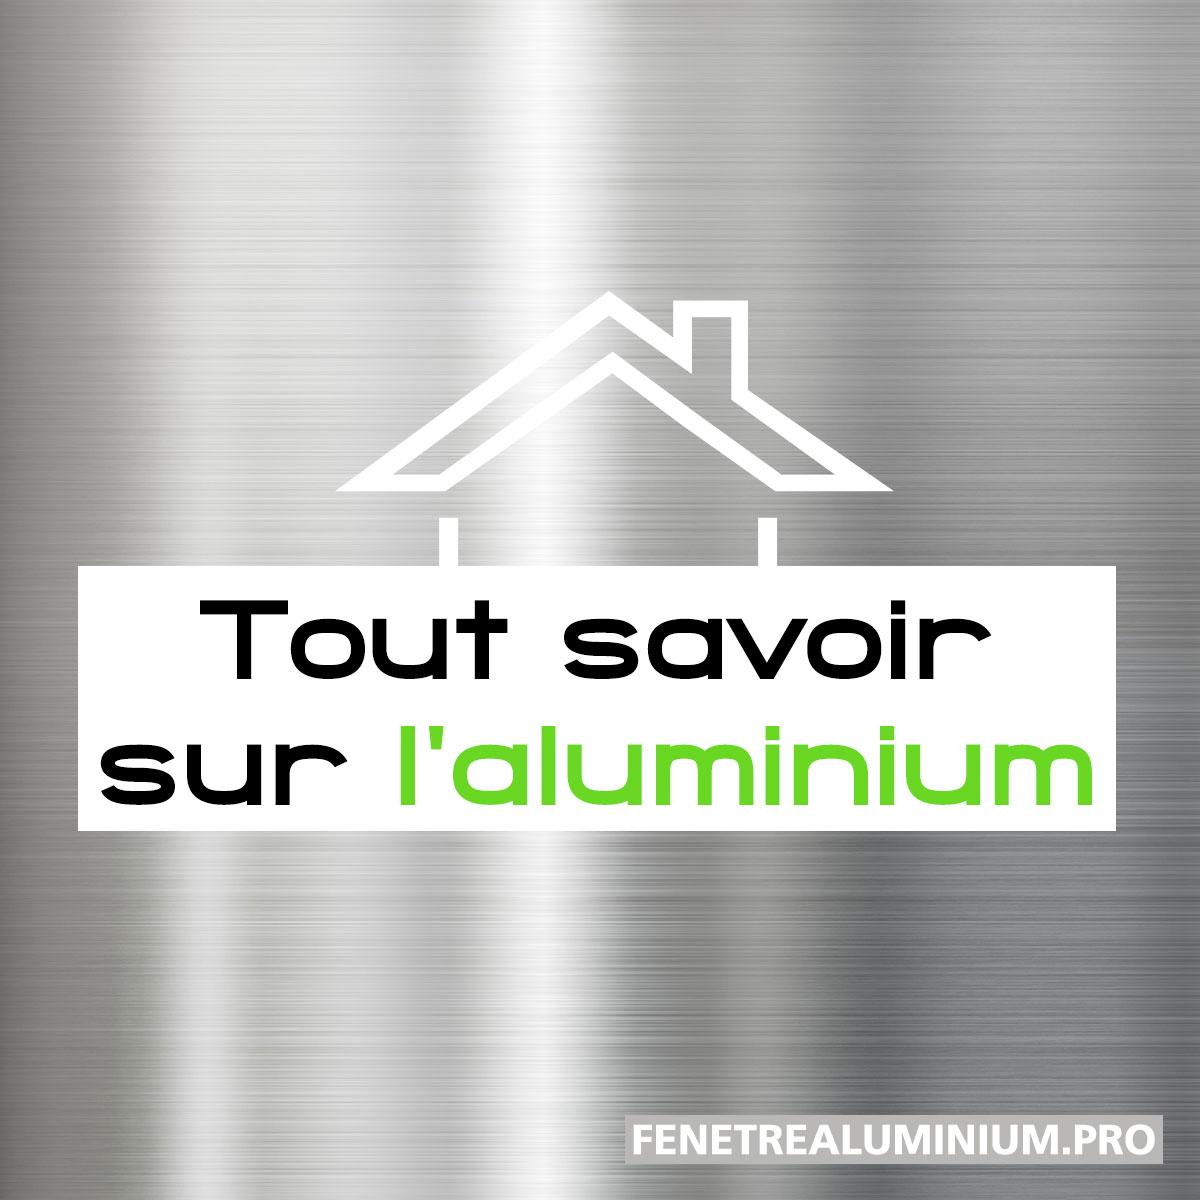 maison aluminium icon